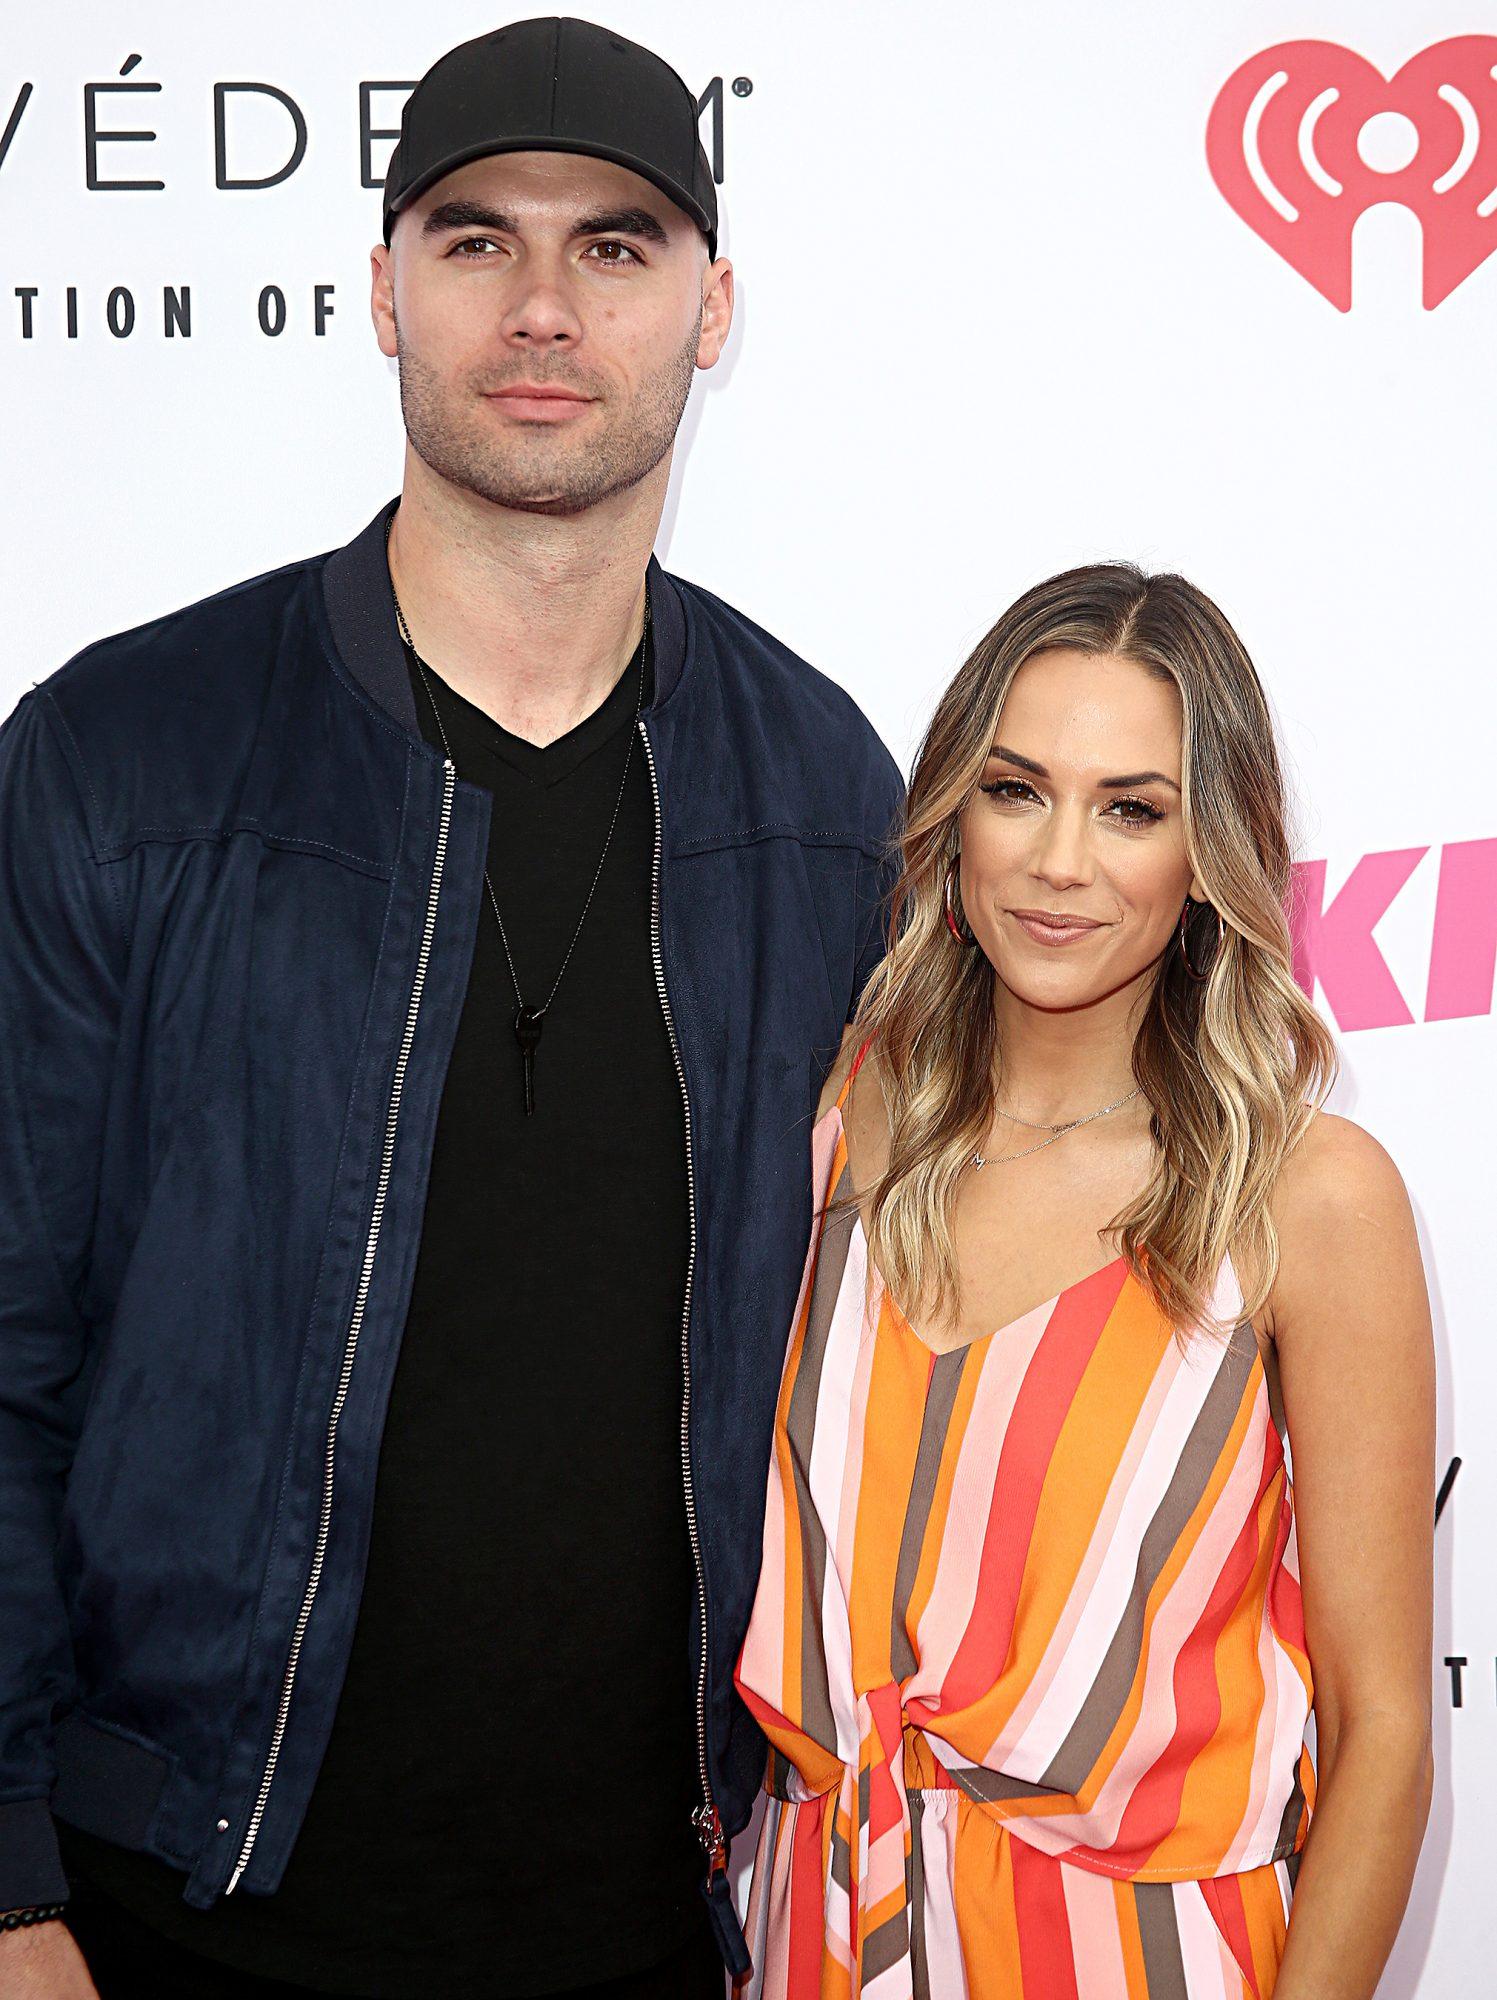 Jana Kramer and Husband Mike Caussin